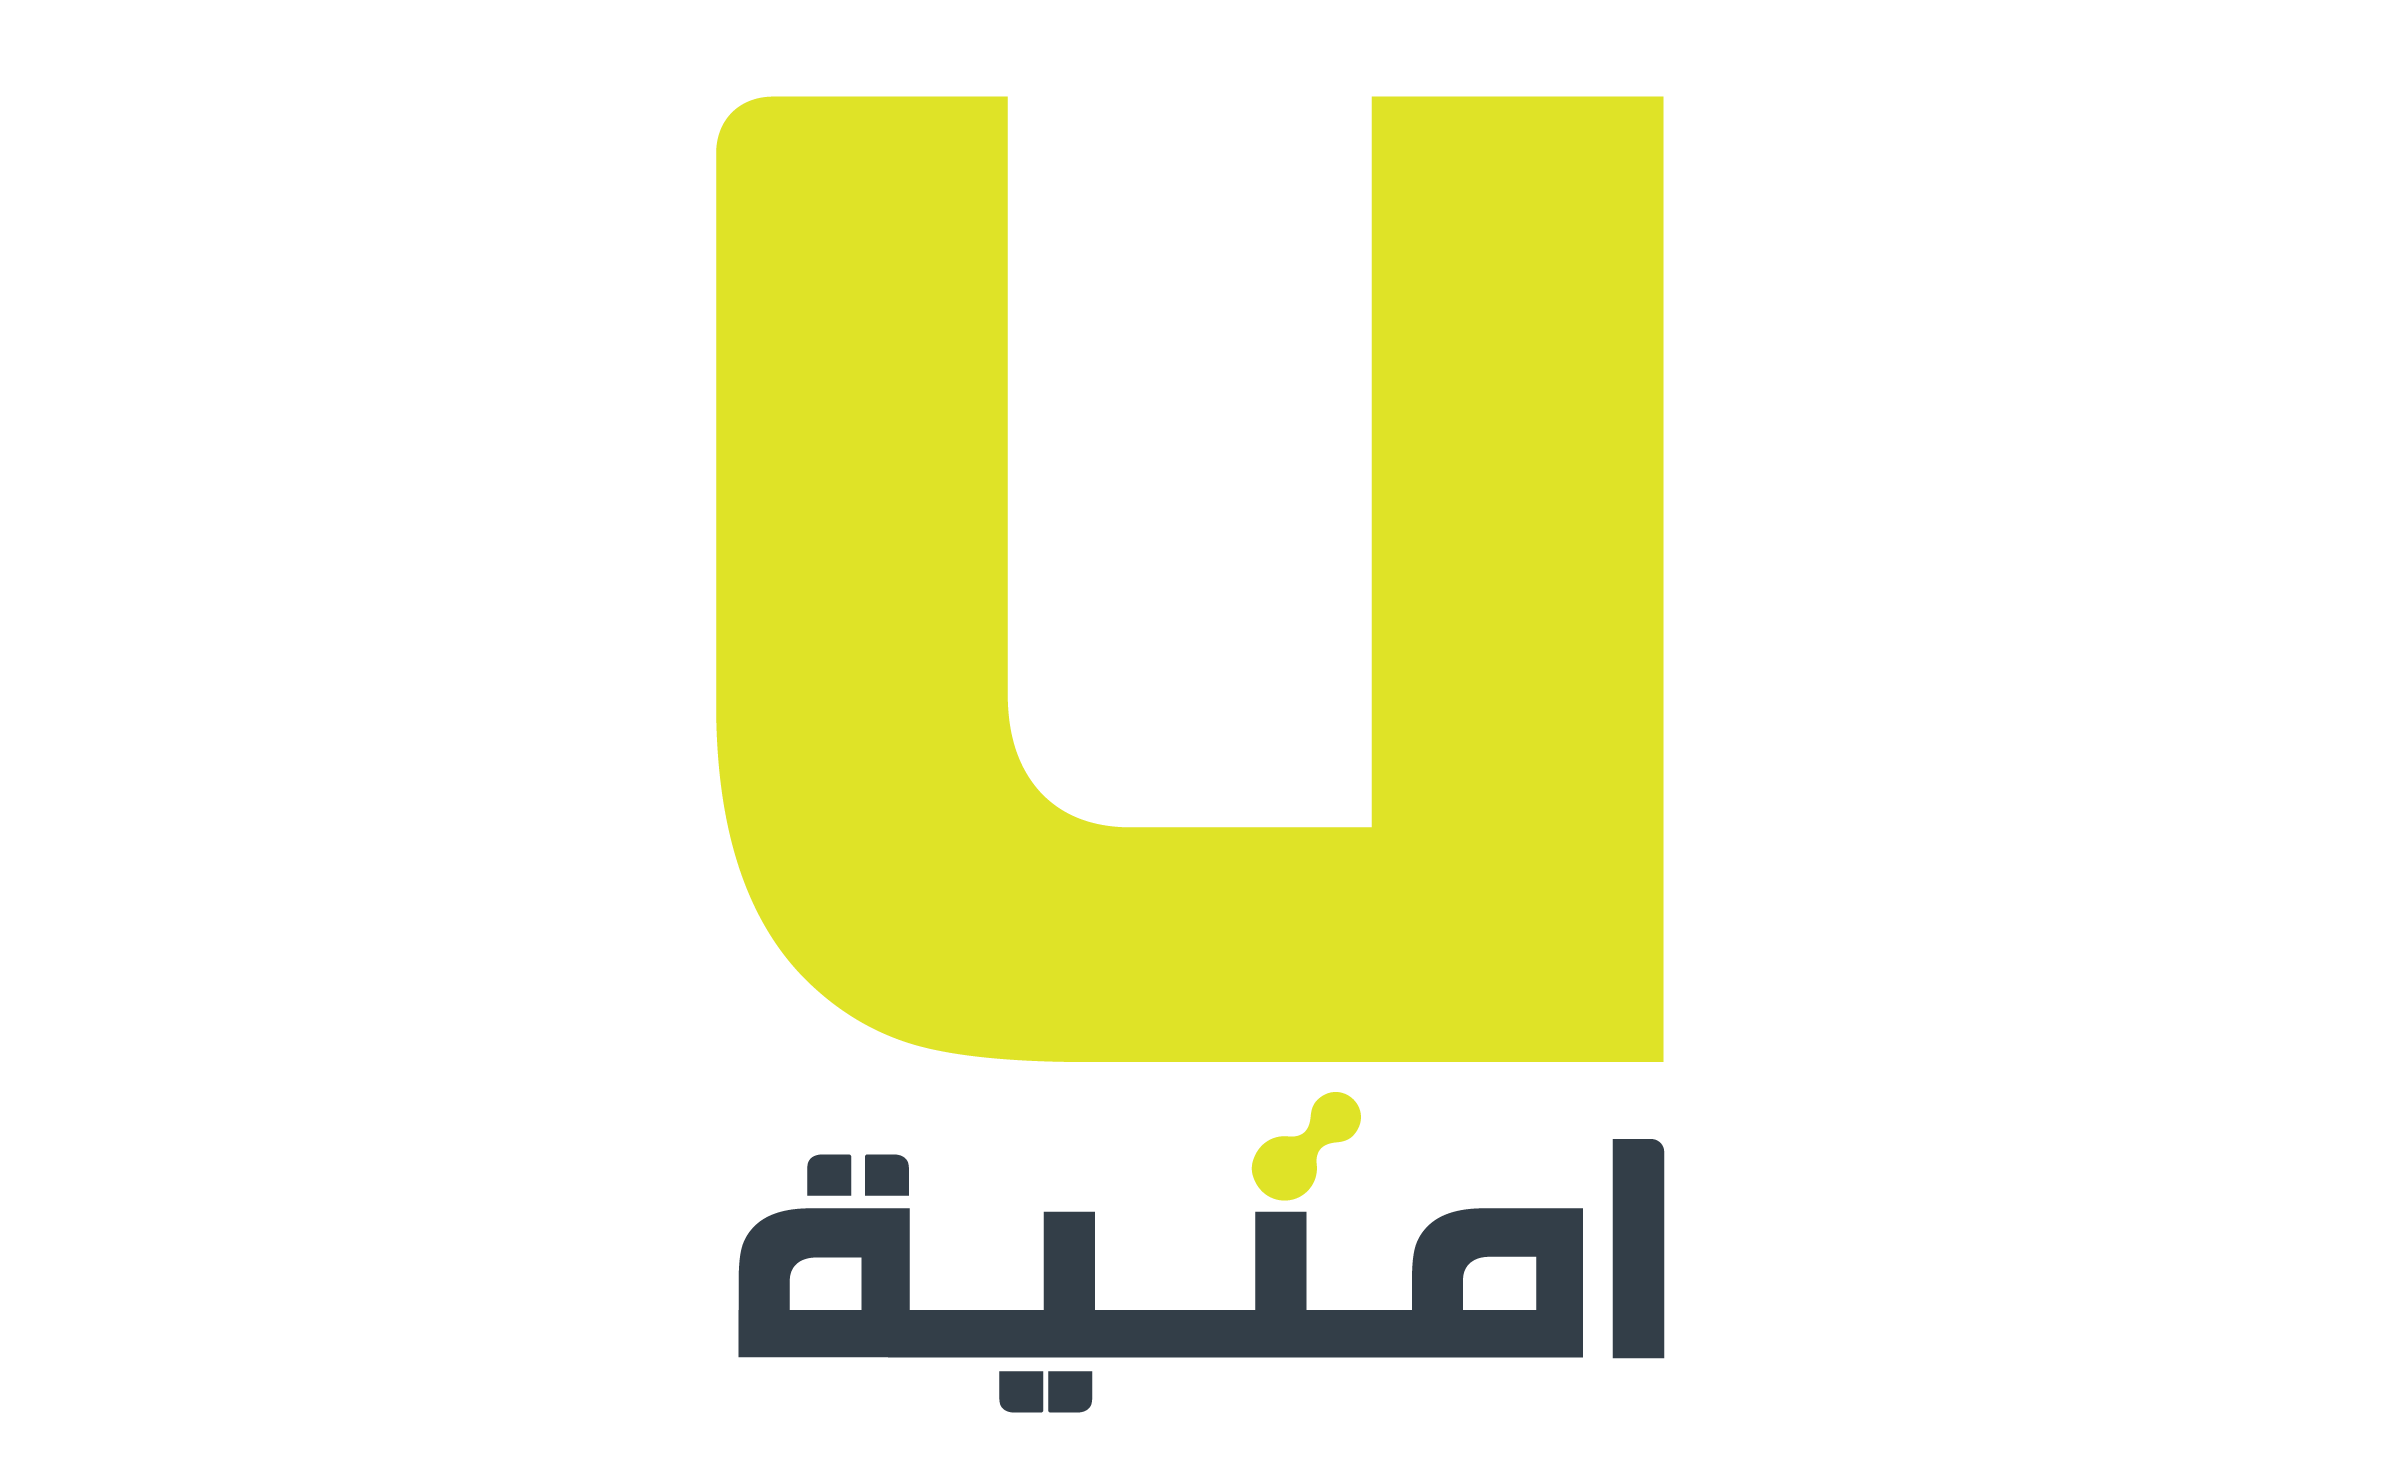 u-logo-01.png